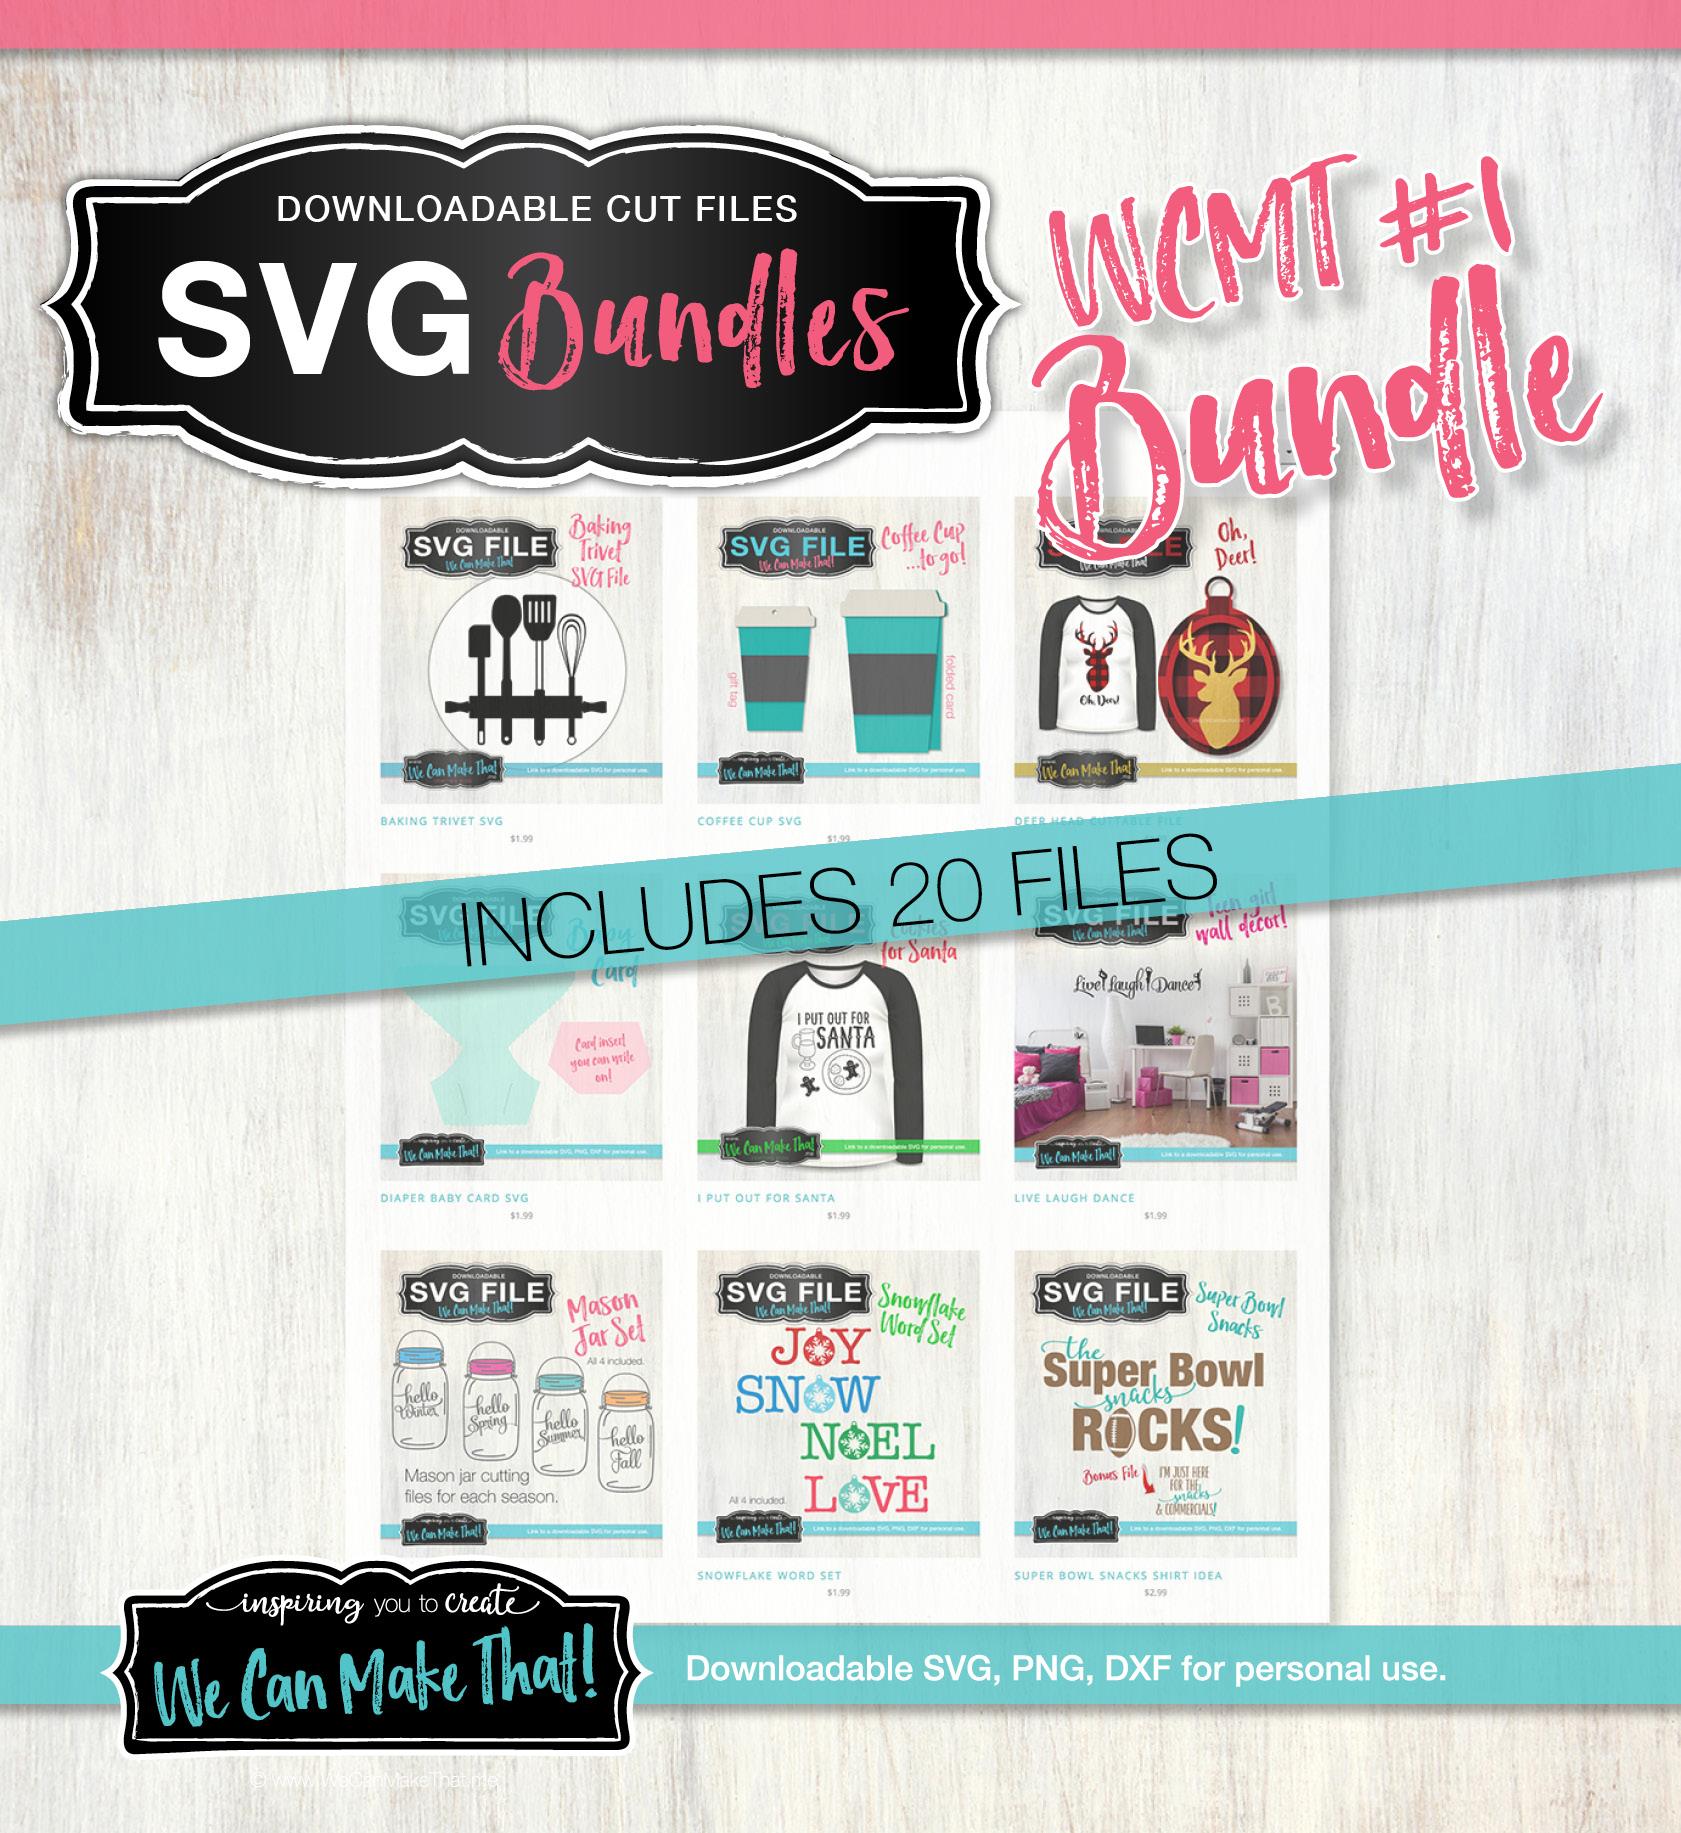 SVG Bundle